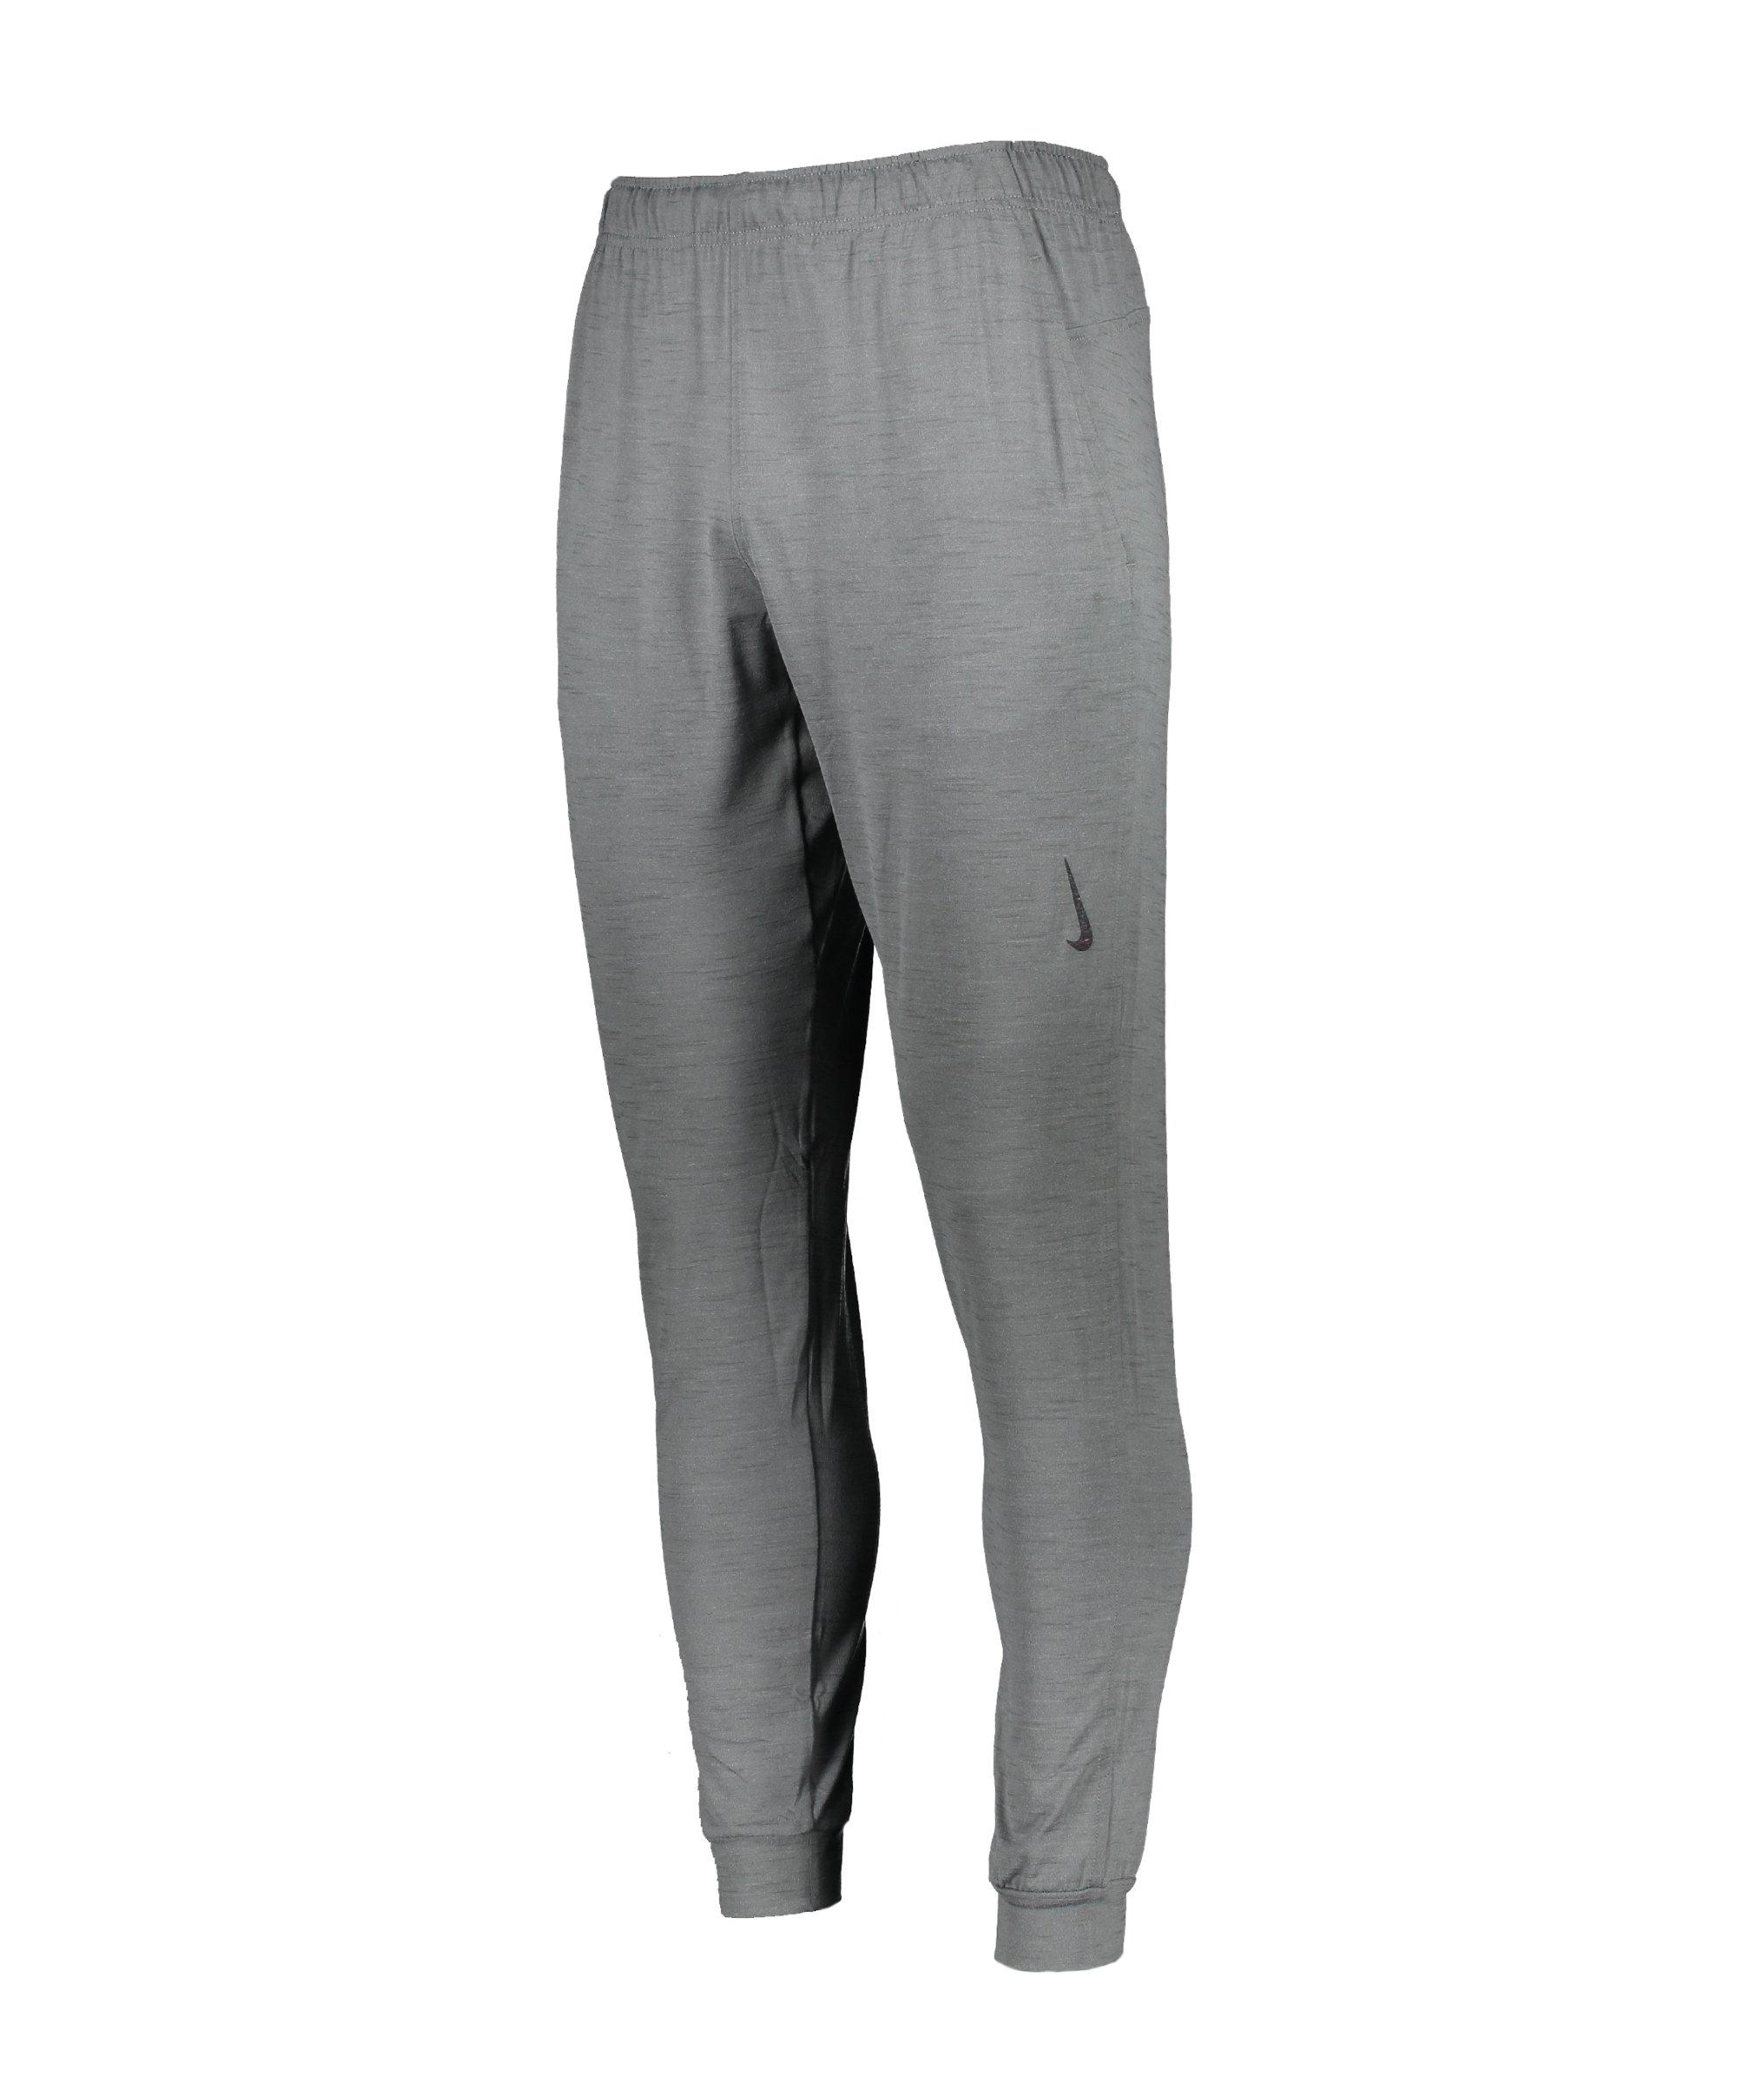 Nike Yoga Hose Training Grau F068 - grau